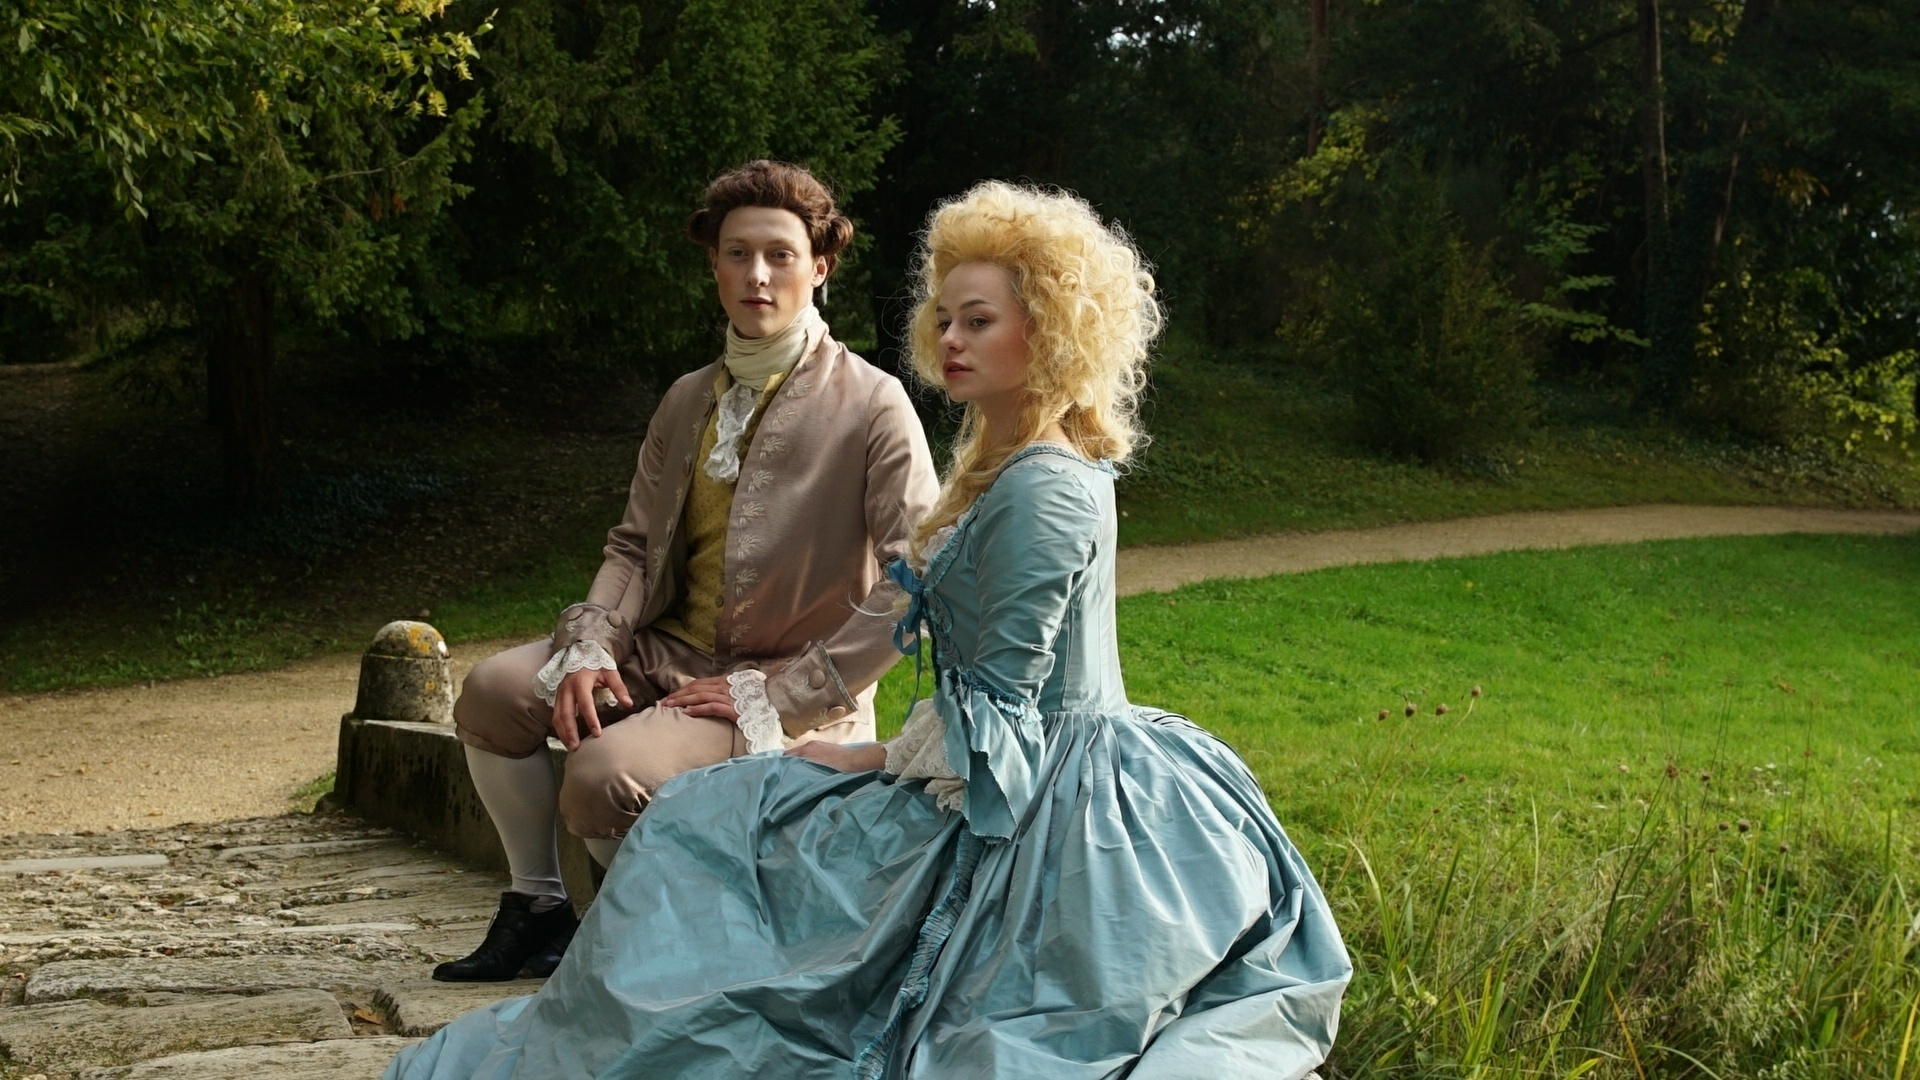 Sie ist Frankreichs wohl berühmteste Königin - Marie Antoinette: Glamour-Girl und Mode-Ikone. Ihr Hang zum Luxus ist legendär und wird ihr während der Revolution zum Verhängnis.  ©ZDF/Sylvie Faiveley